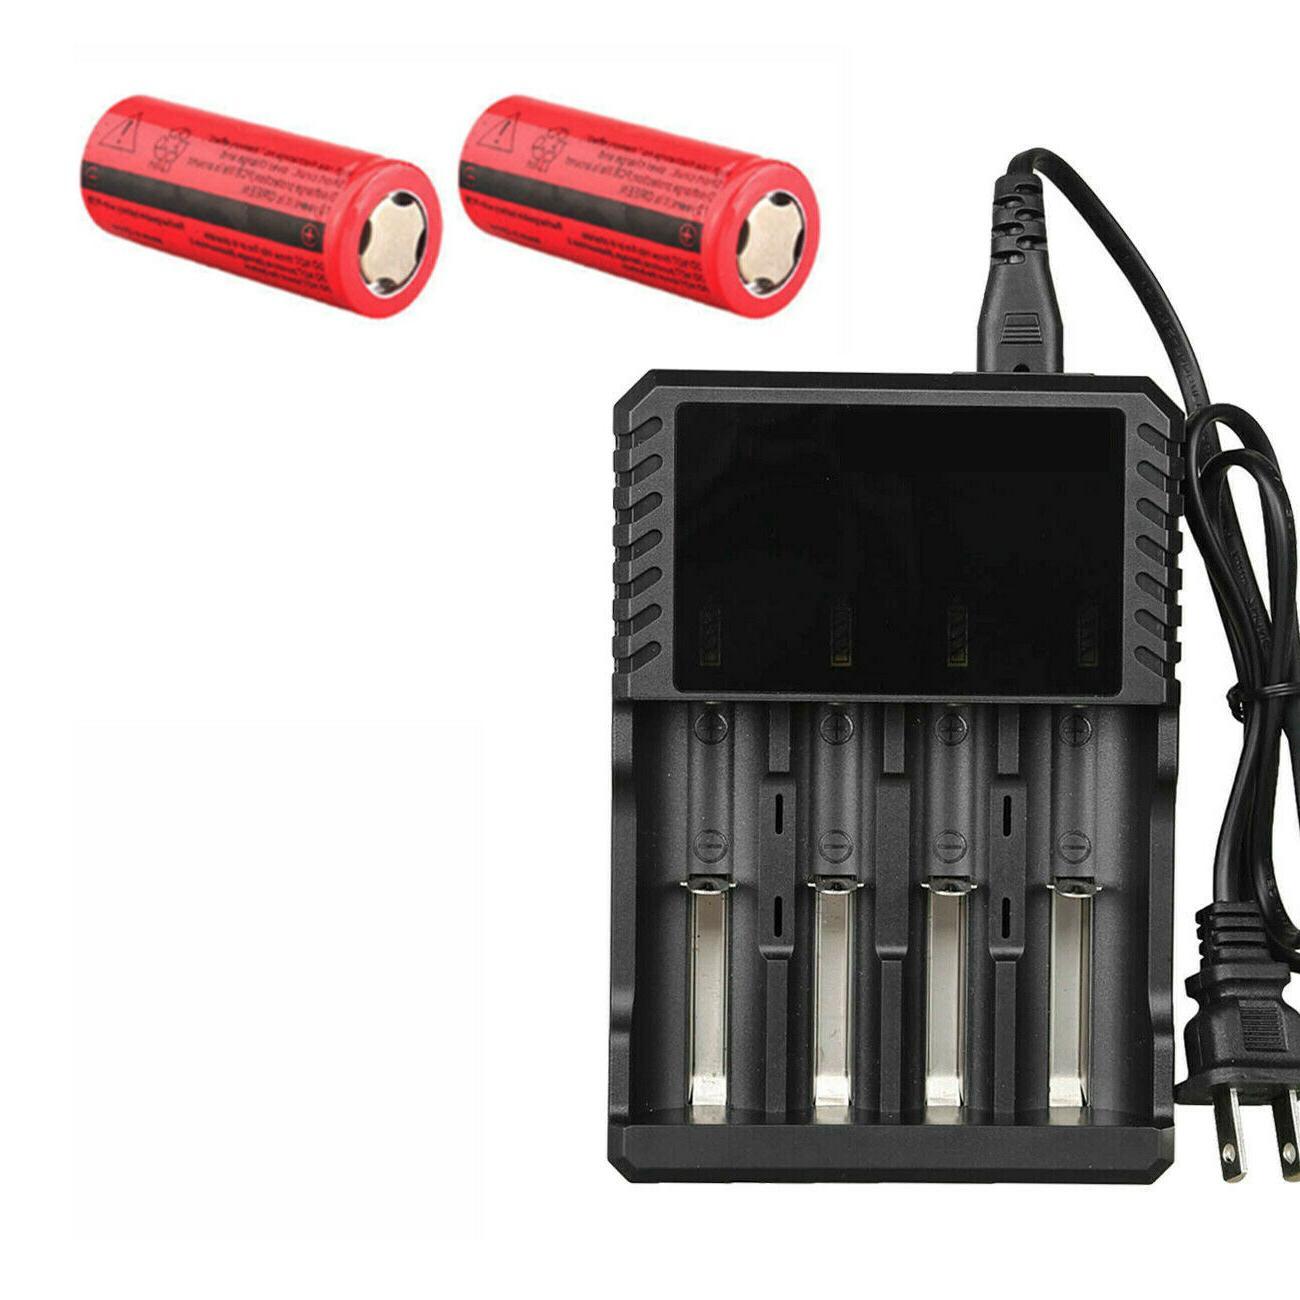 26650 3000mAh Flat Batteries